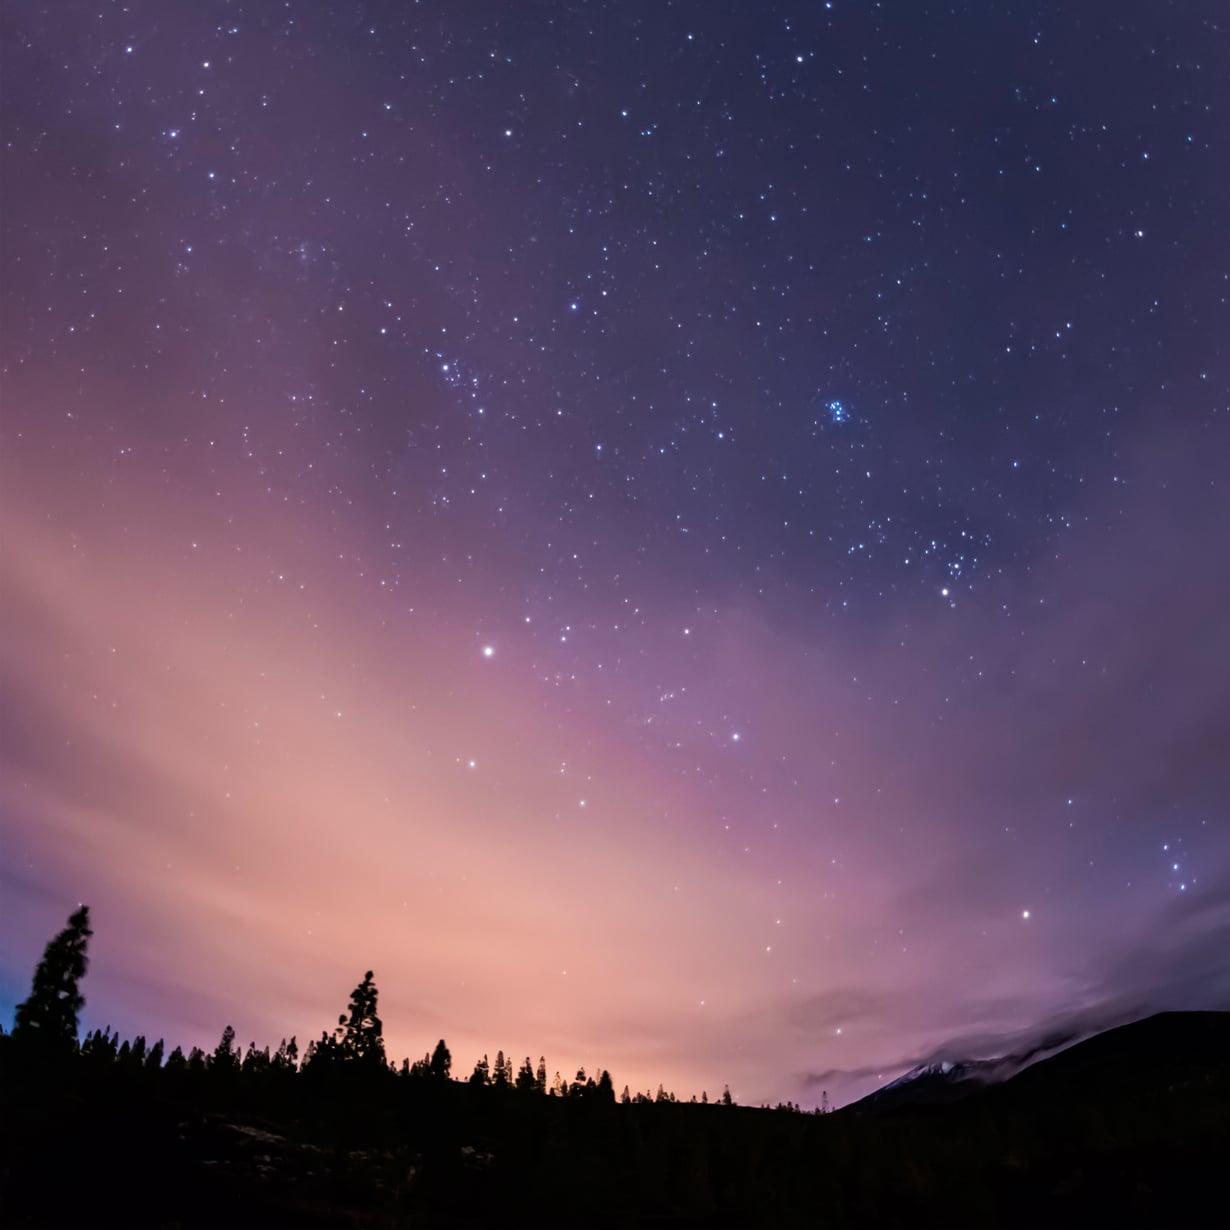 Mitä tähdet kertovat? Kuva: Shutterstock